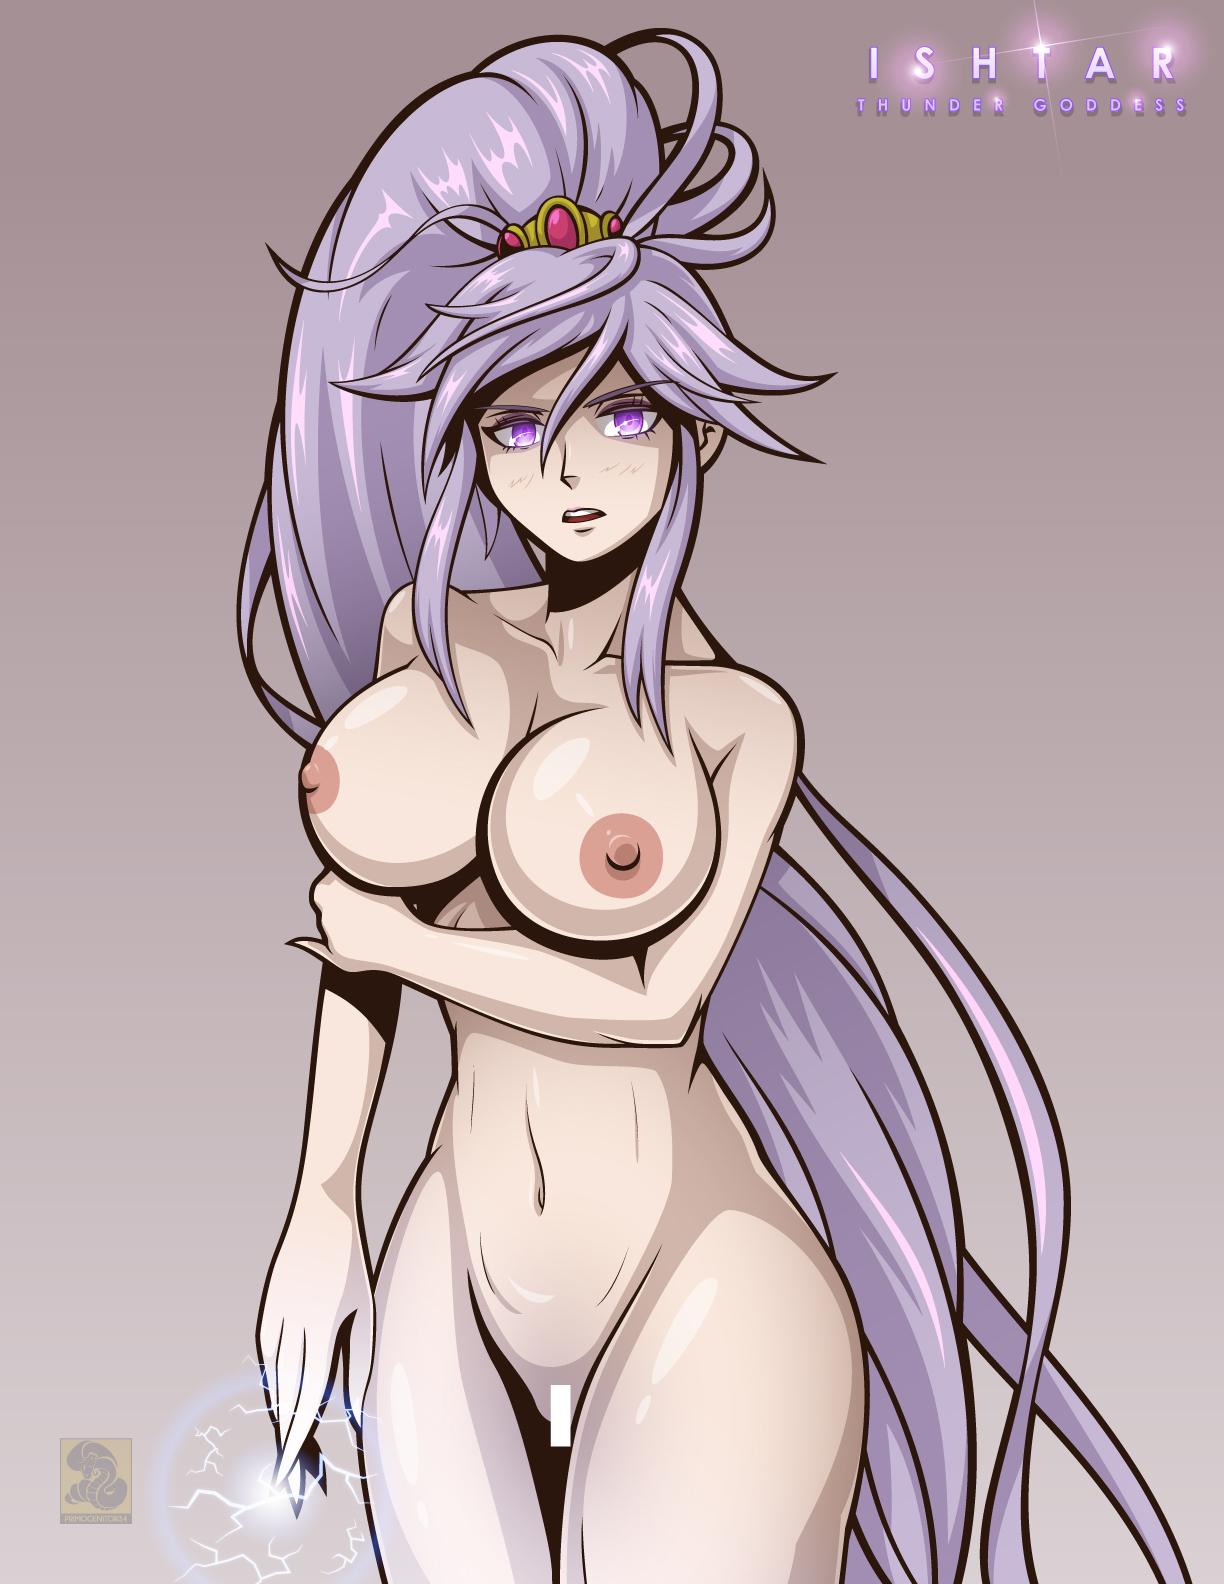 Thunder Goddess Ishtar